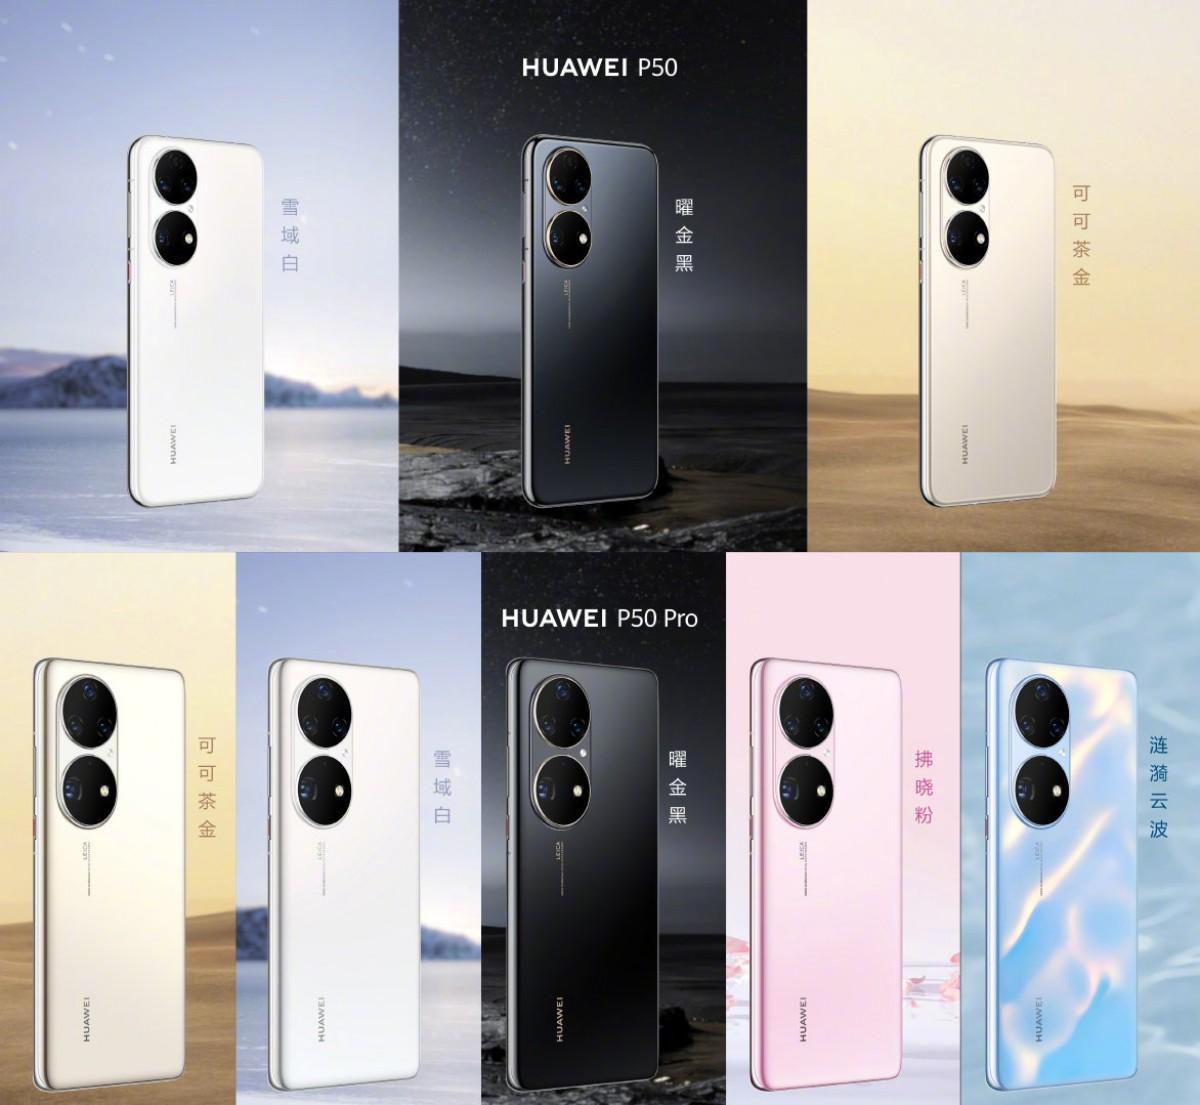 Telefonene kommer i mange fargevalg, og har eksepsjonelt store kameratuter.